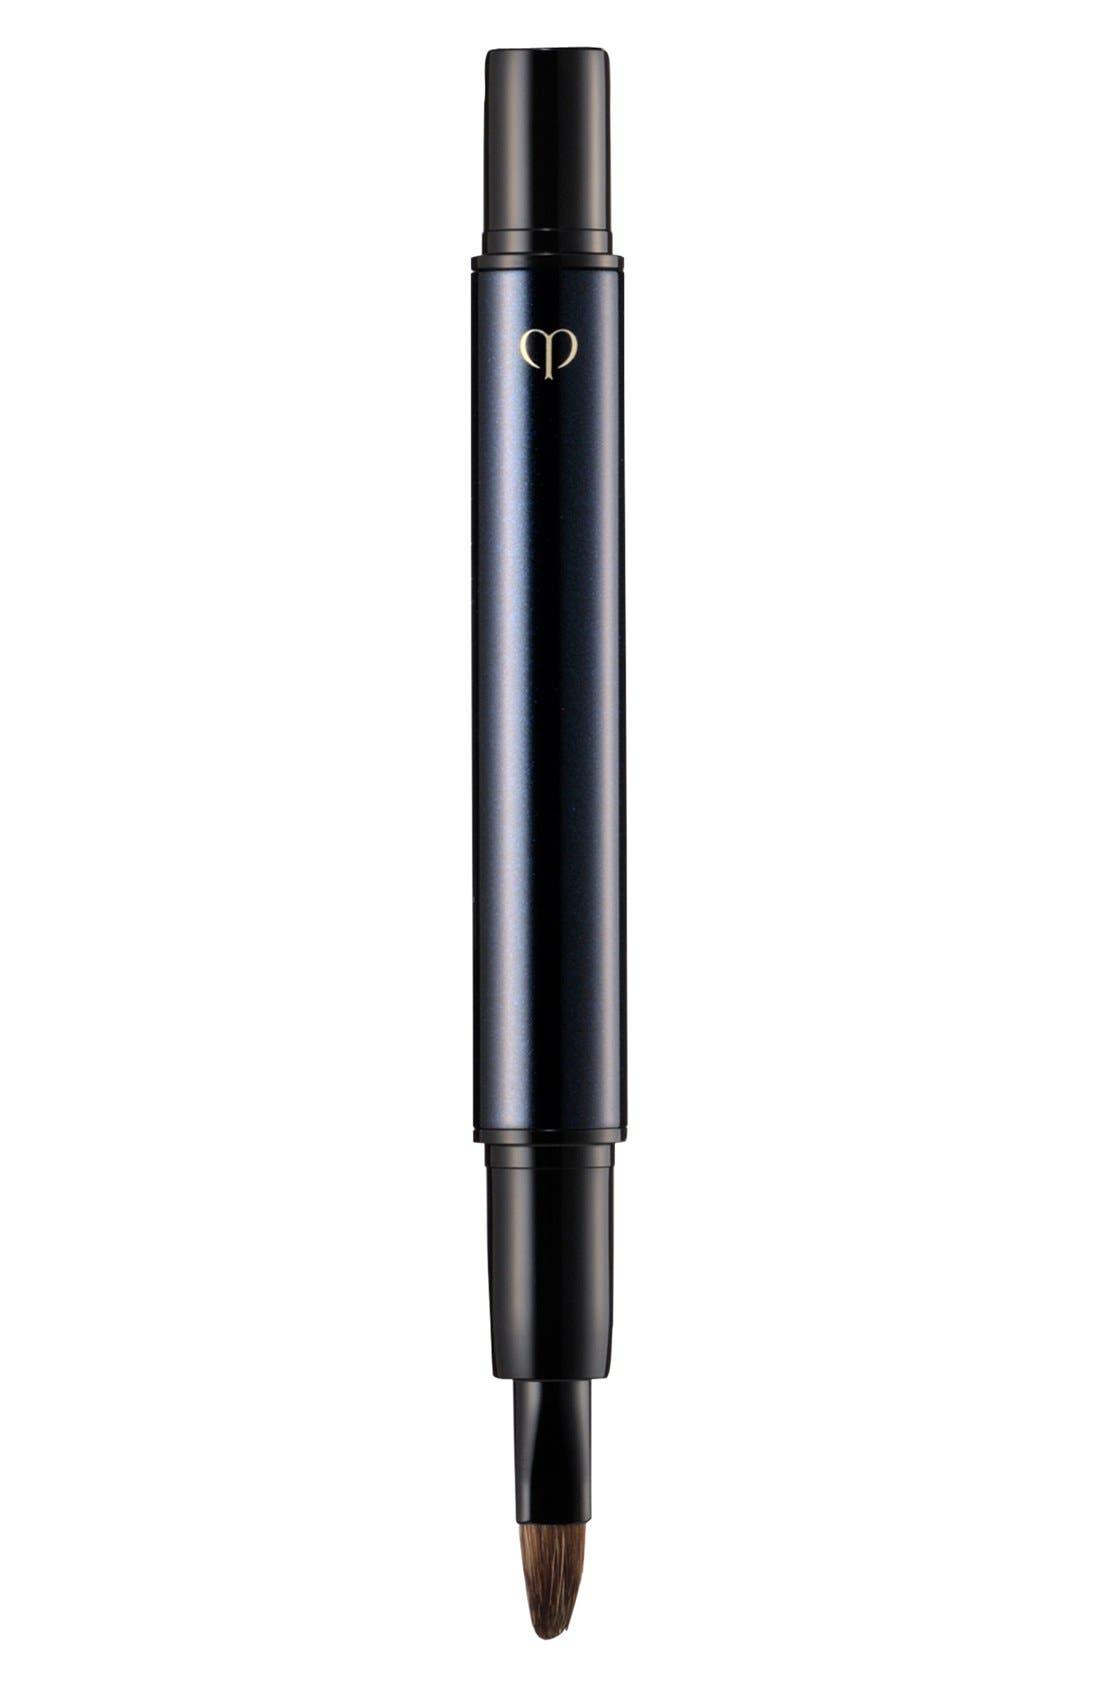 Clé de Peau Beauté Lip Liner Pencil Holder